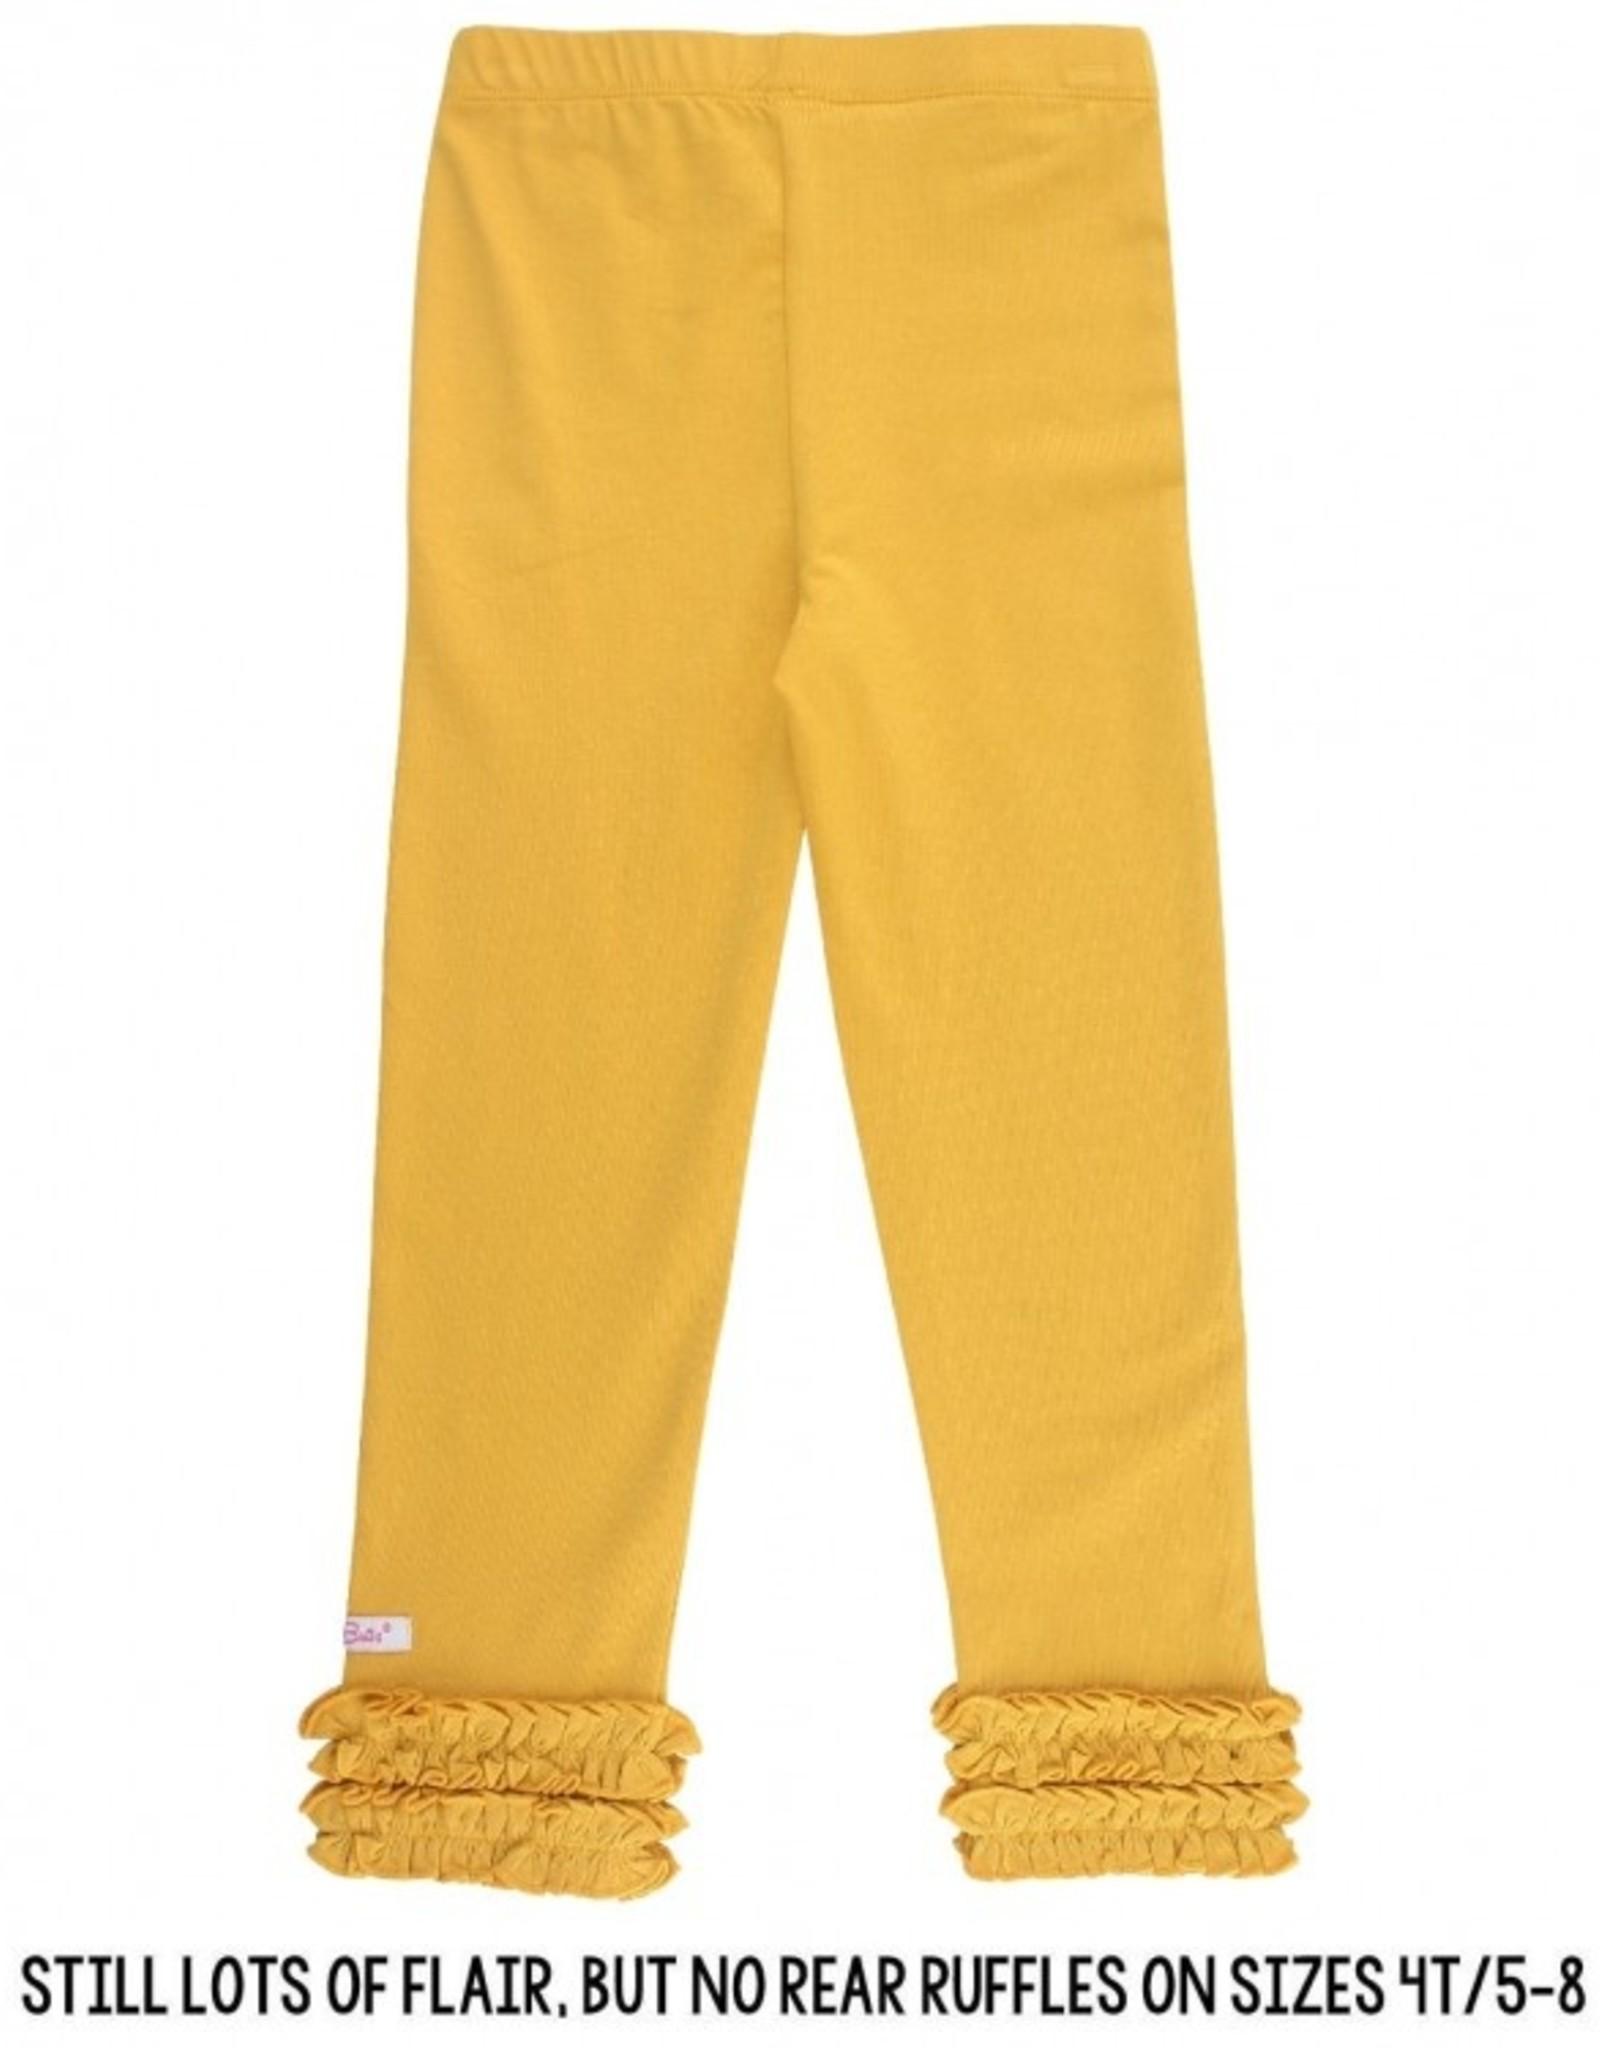 RuffleButts Golden Yellow Ruffle Leggings